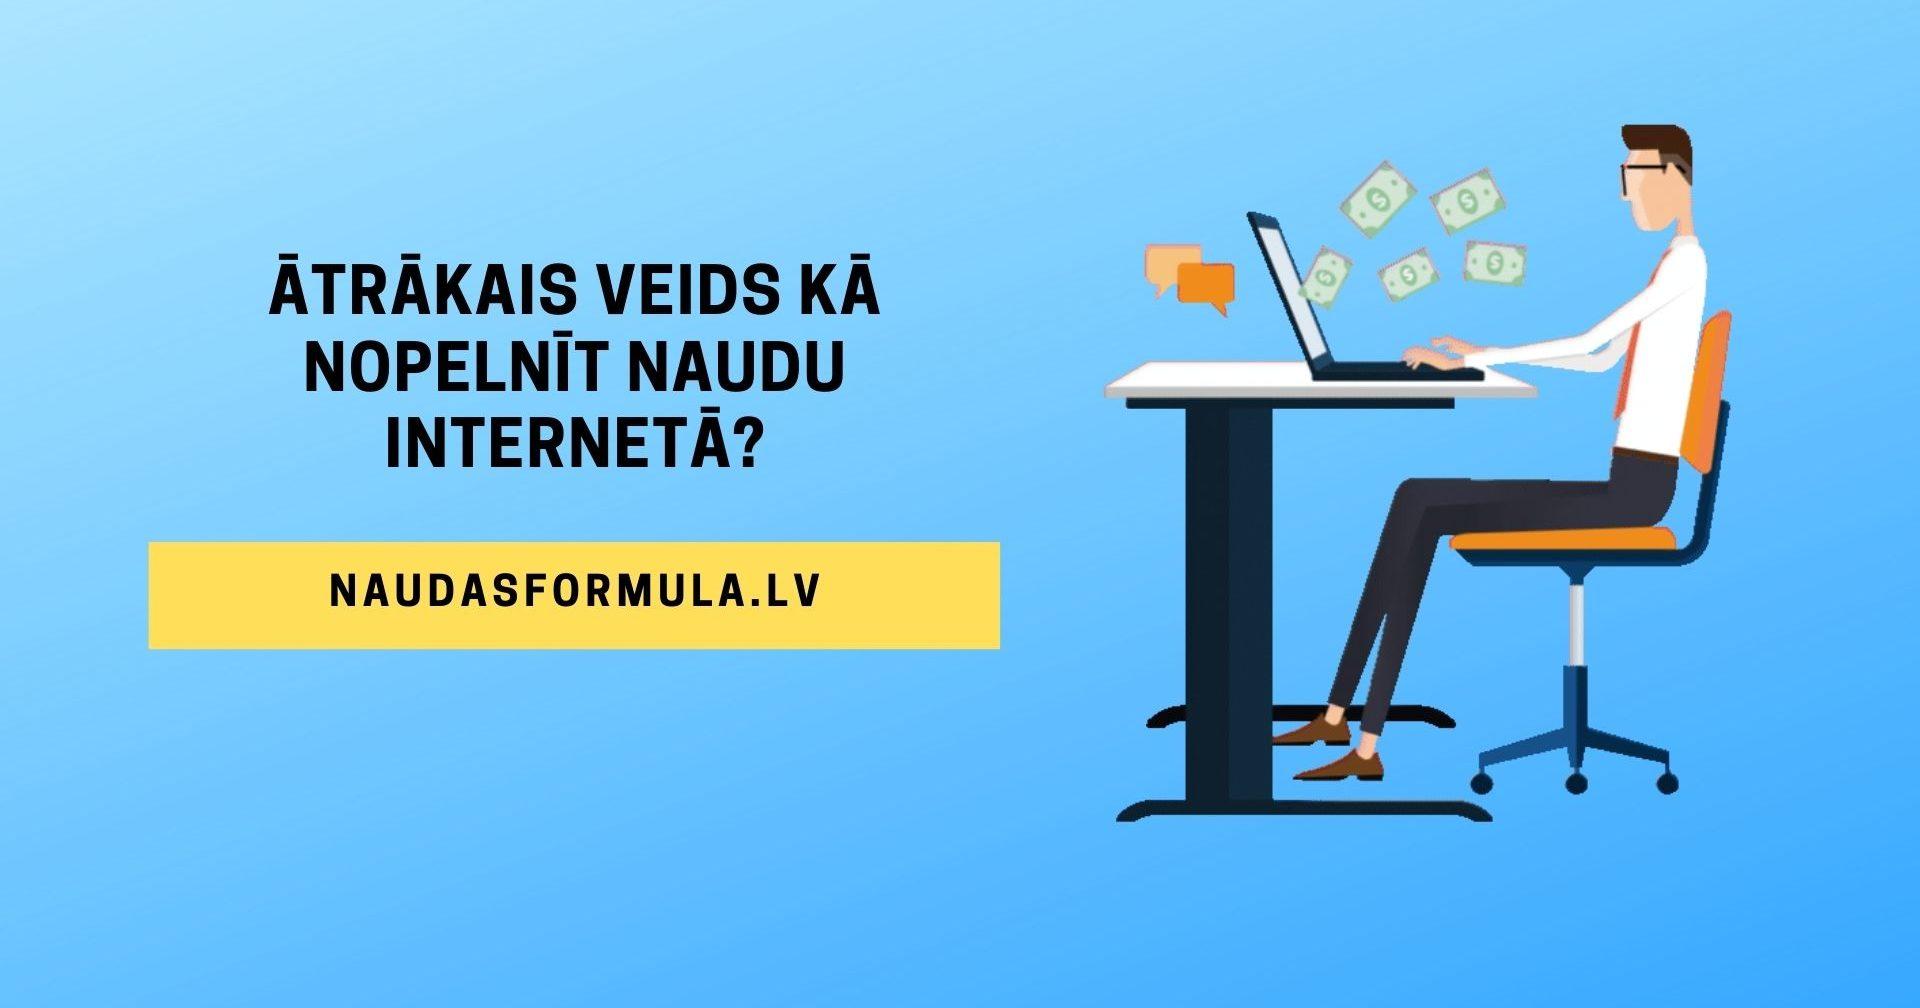 vienkāršākais un vienkāršākais veids, kā nopelnīt naudu internetā